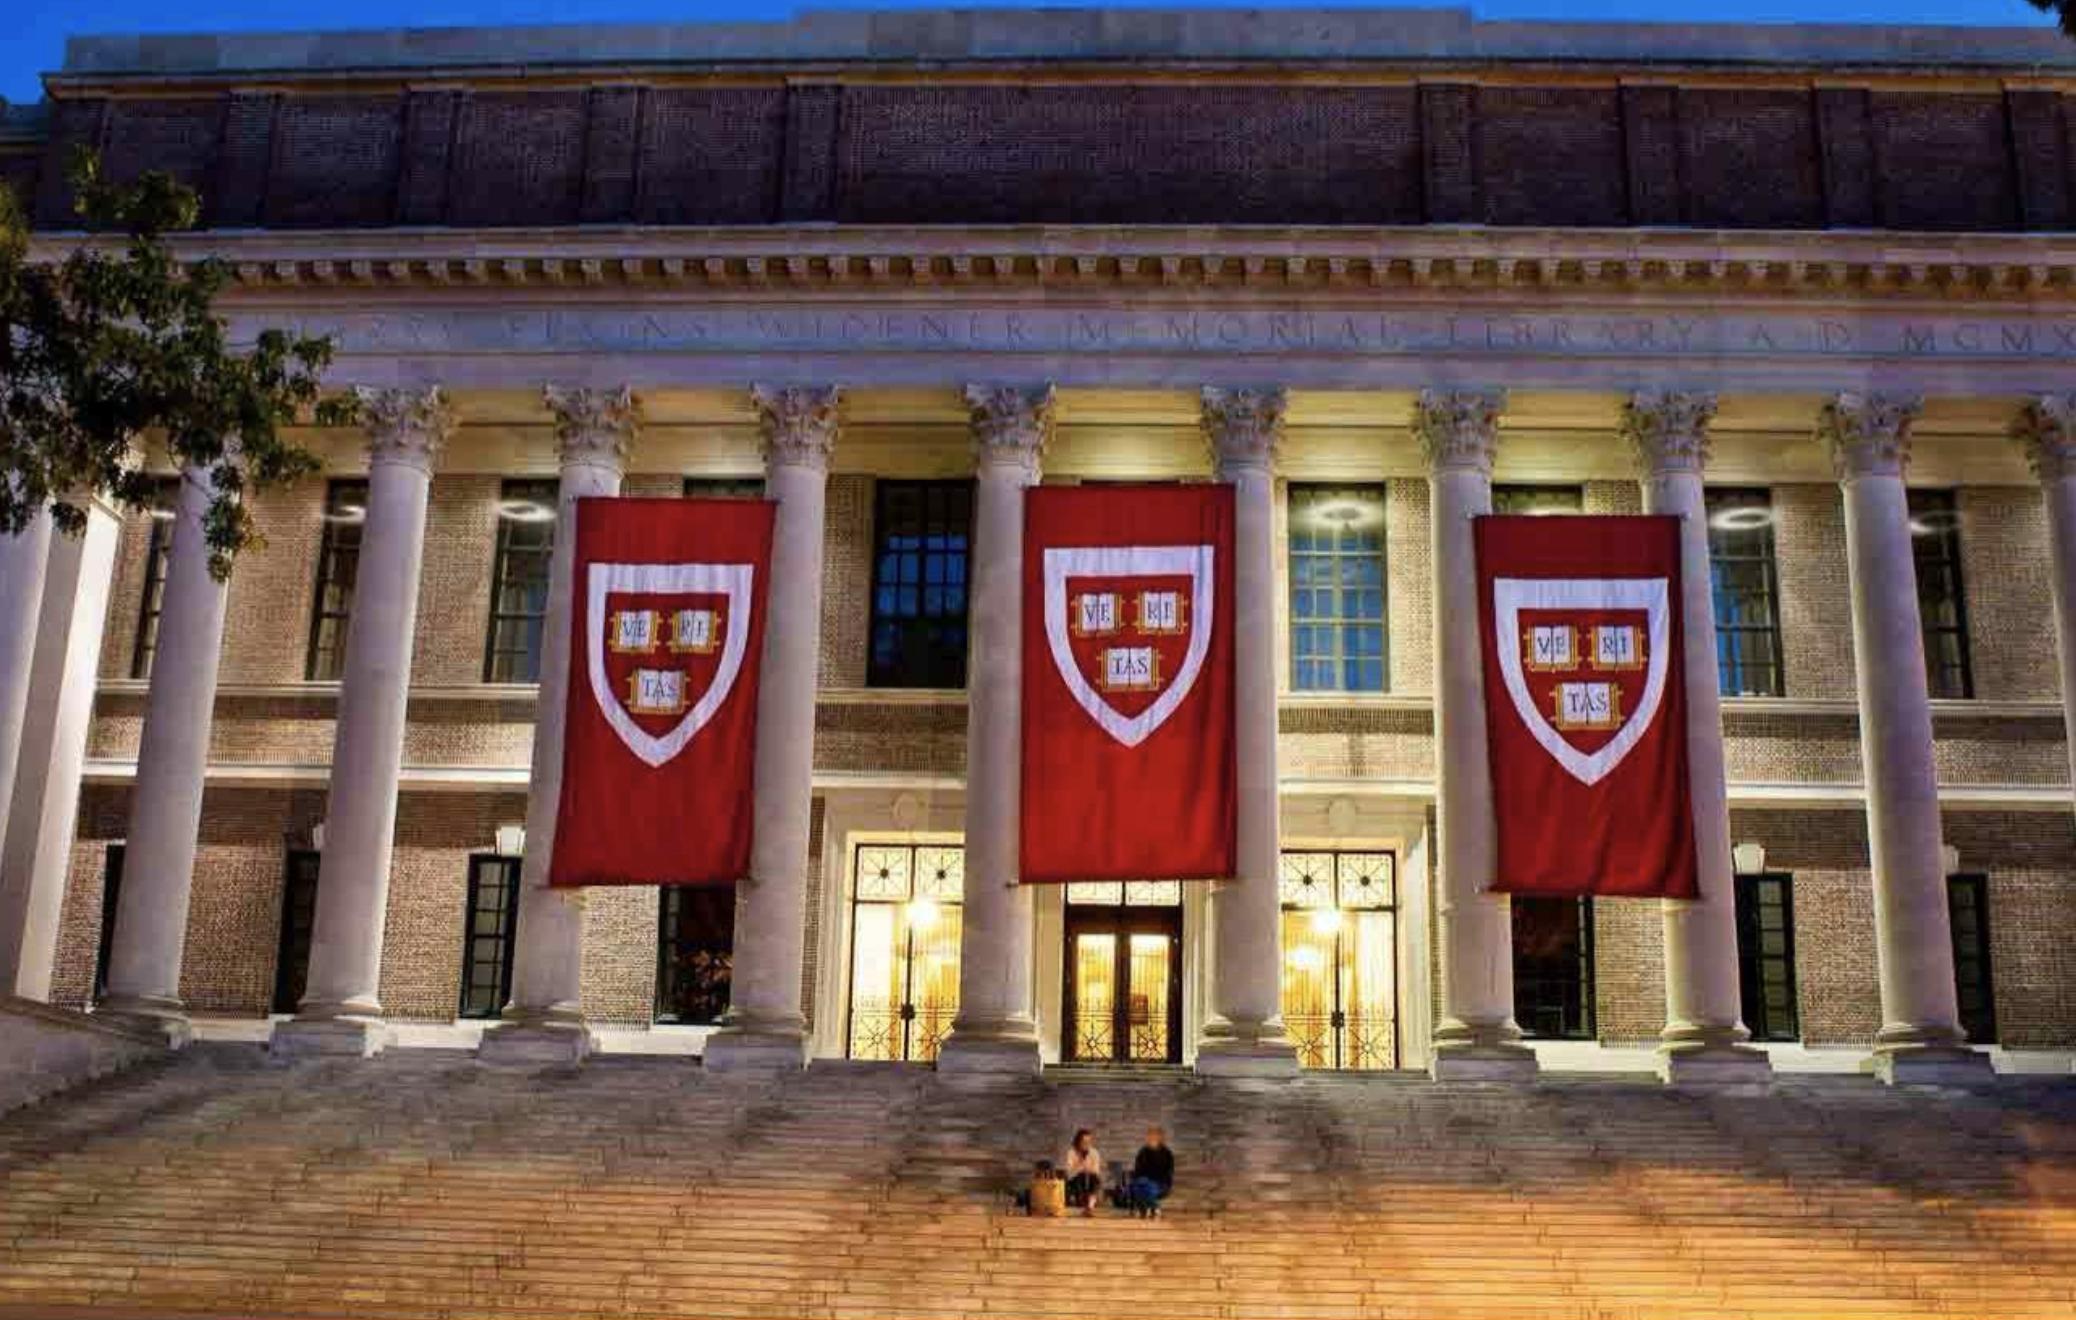 名校的照片—哈佛